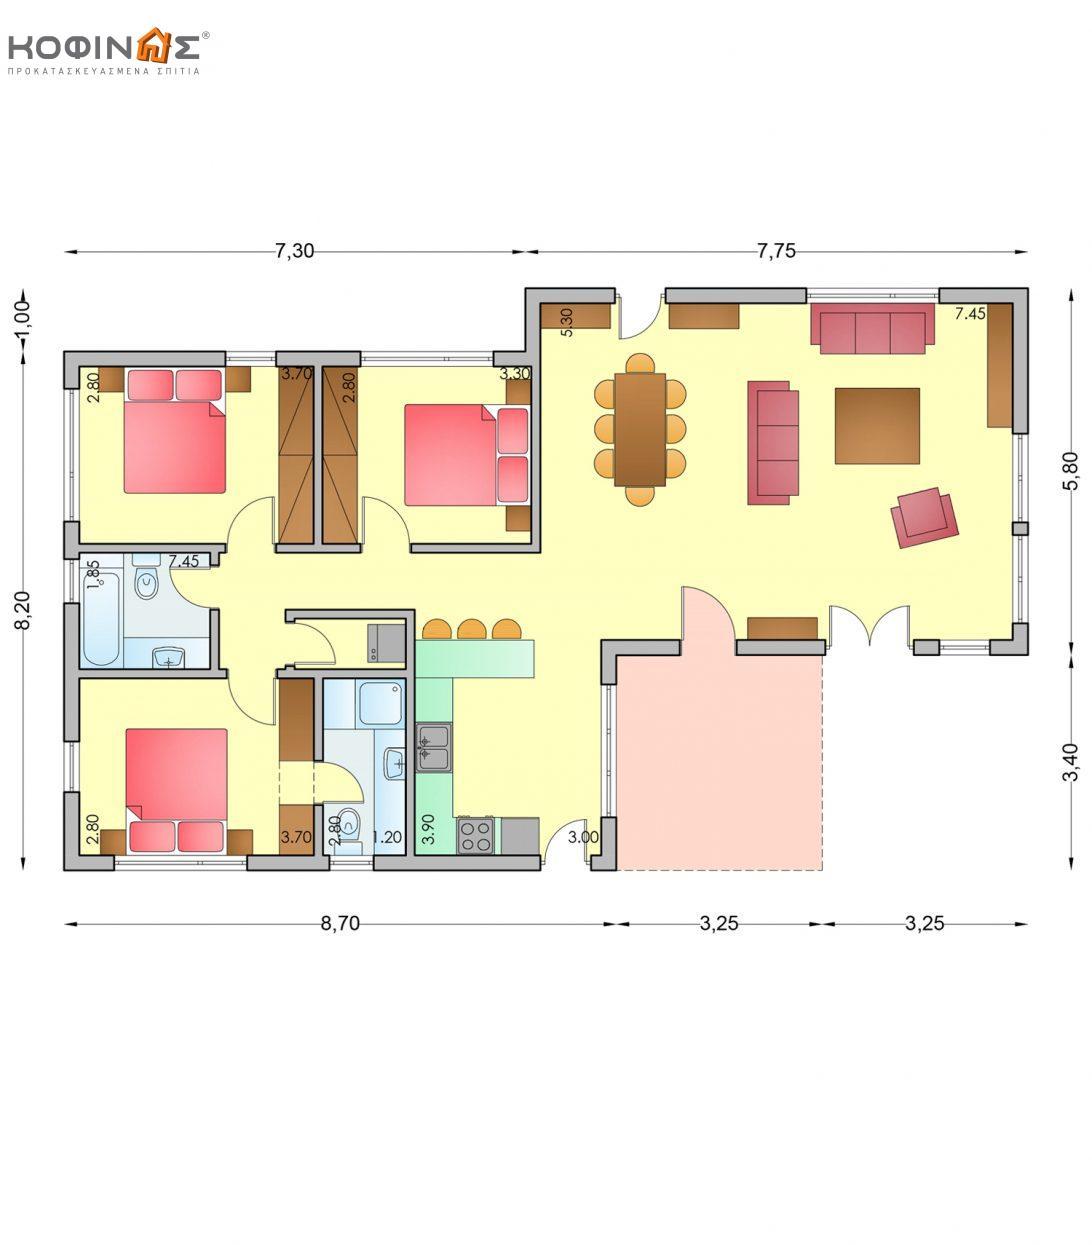 Ισόγεια Κατοικία I-110, συνολικής επιφάνειας 110,70 τ.μ.